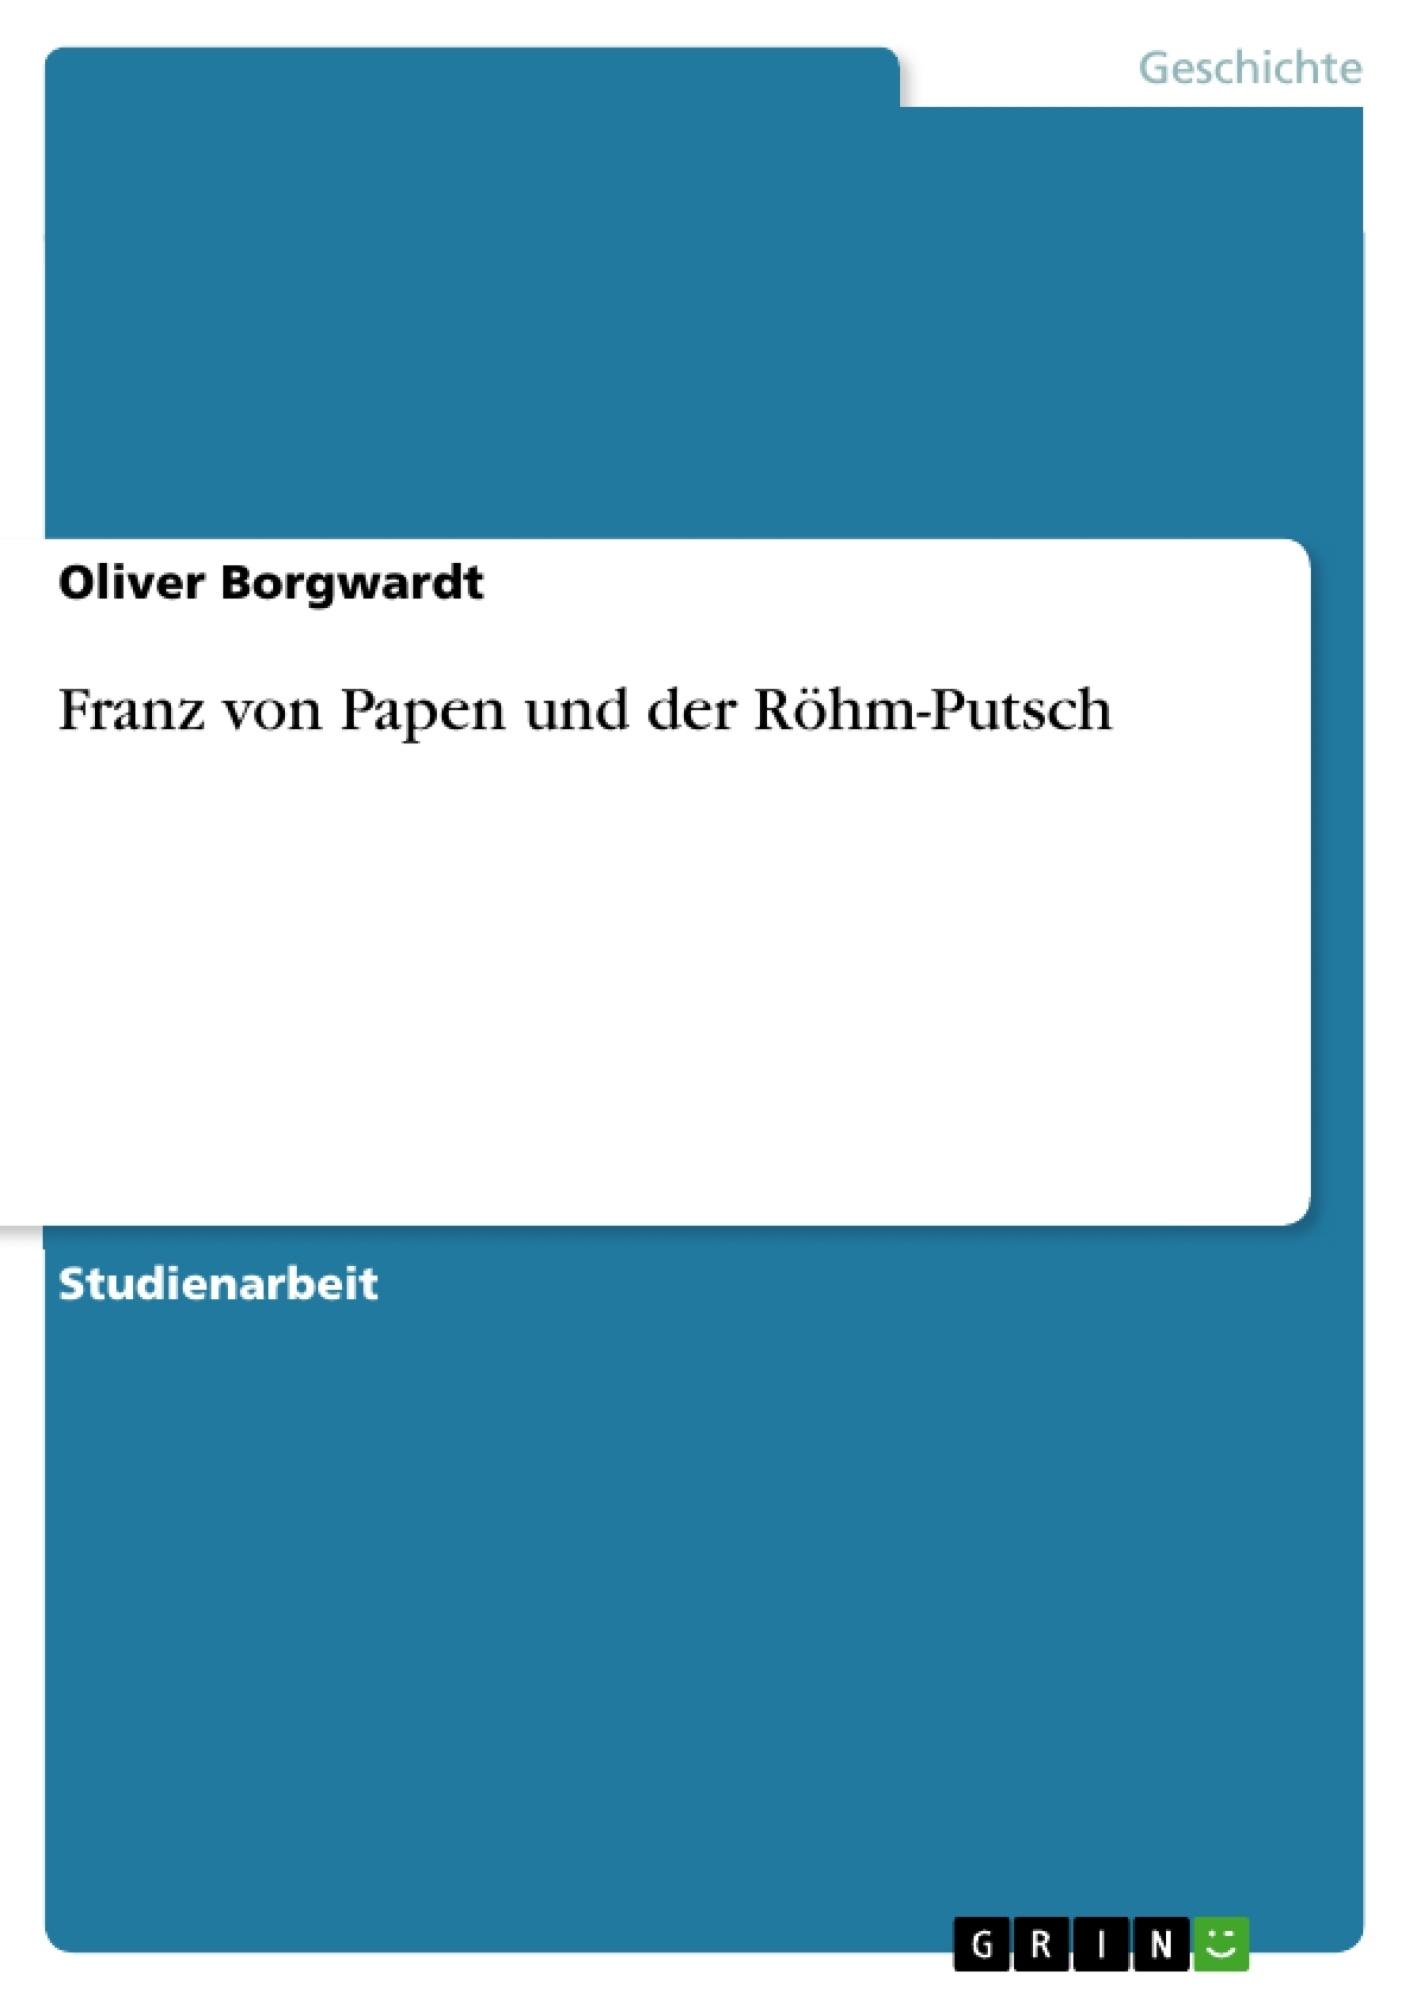 Titel: Franz von Papen und der Röhm-Putsch